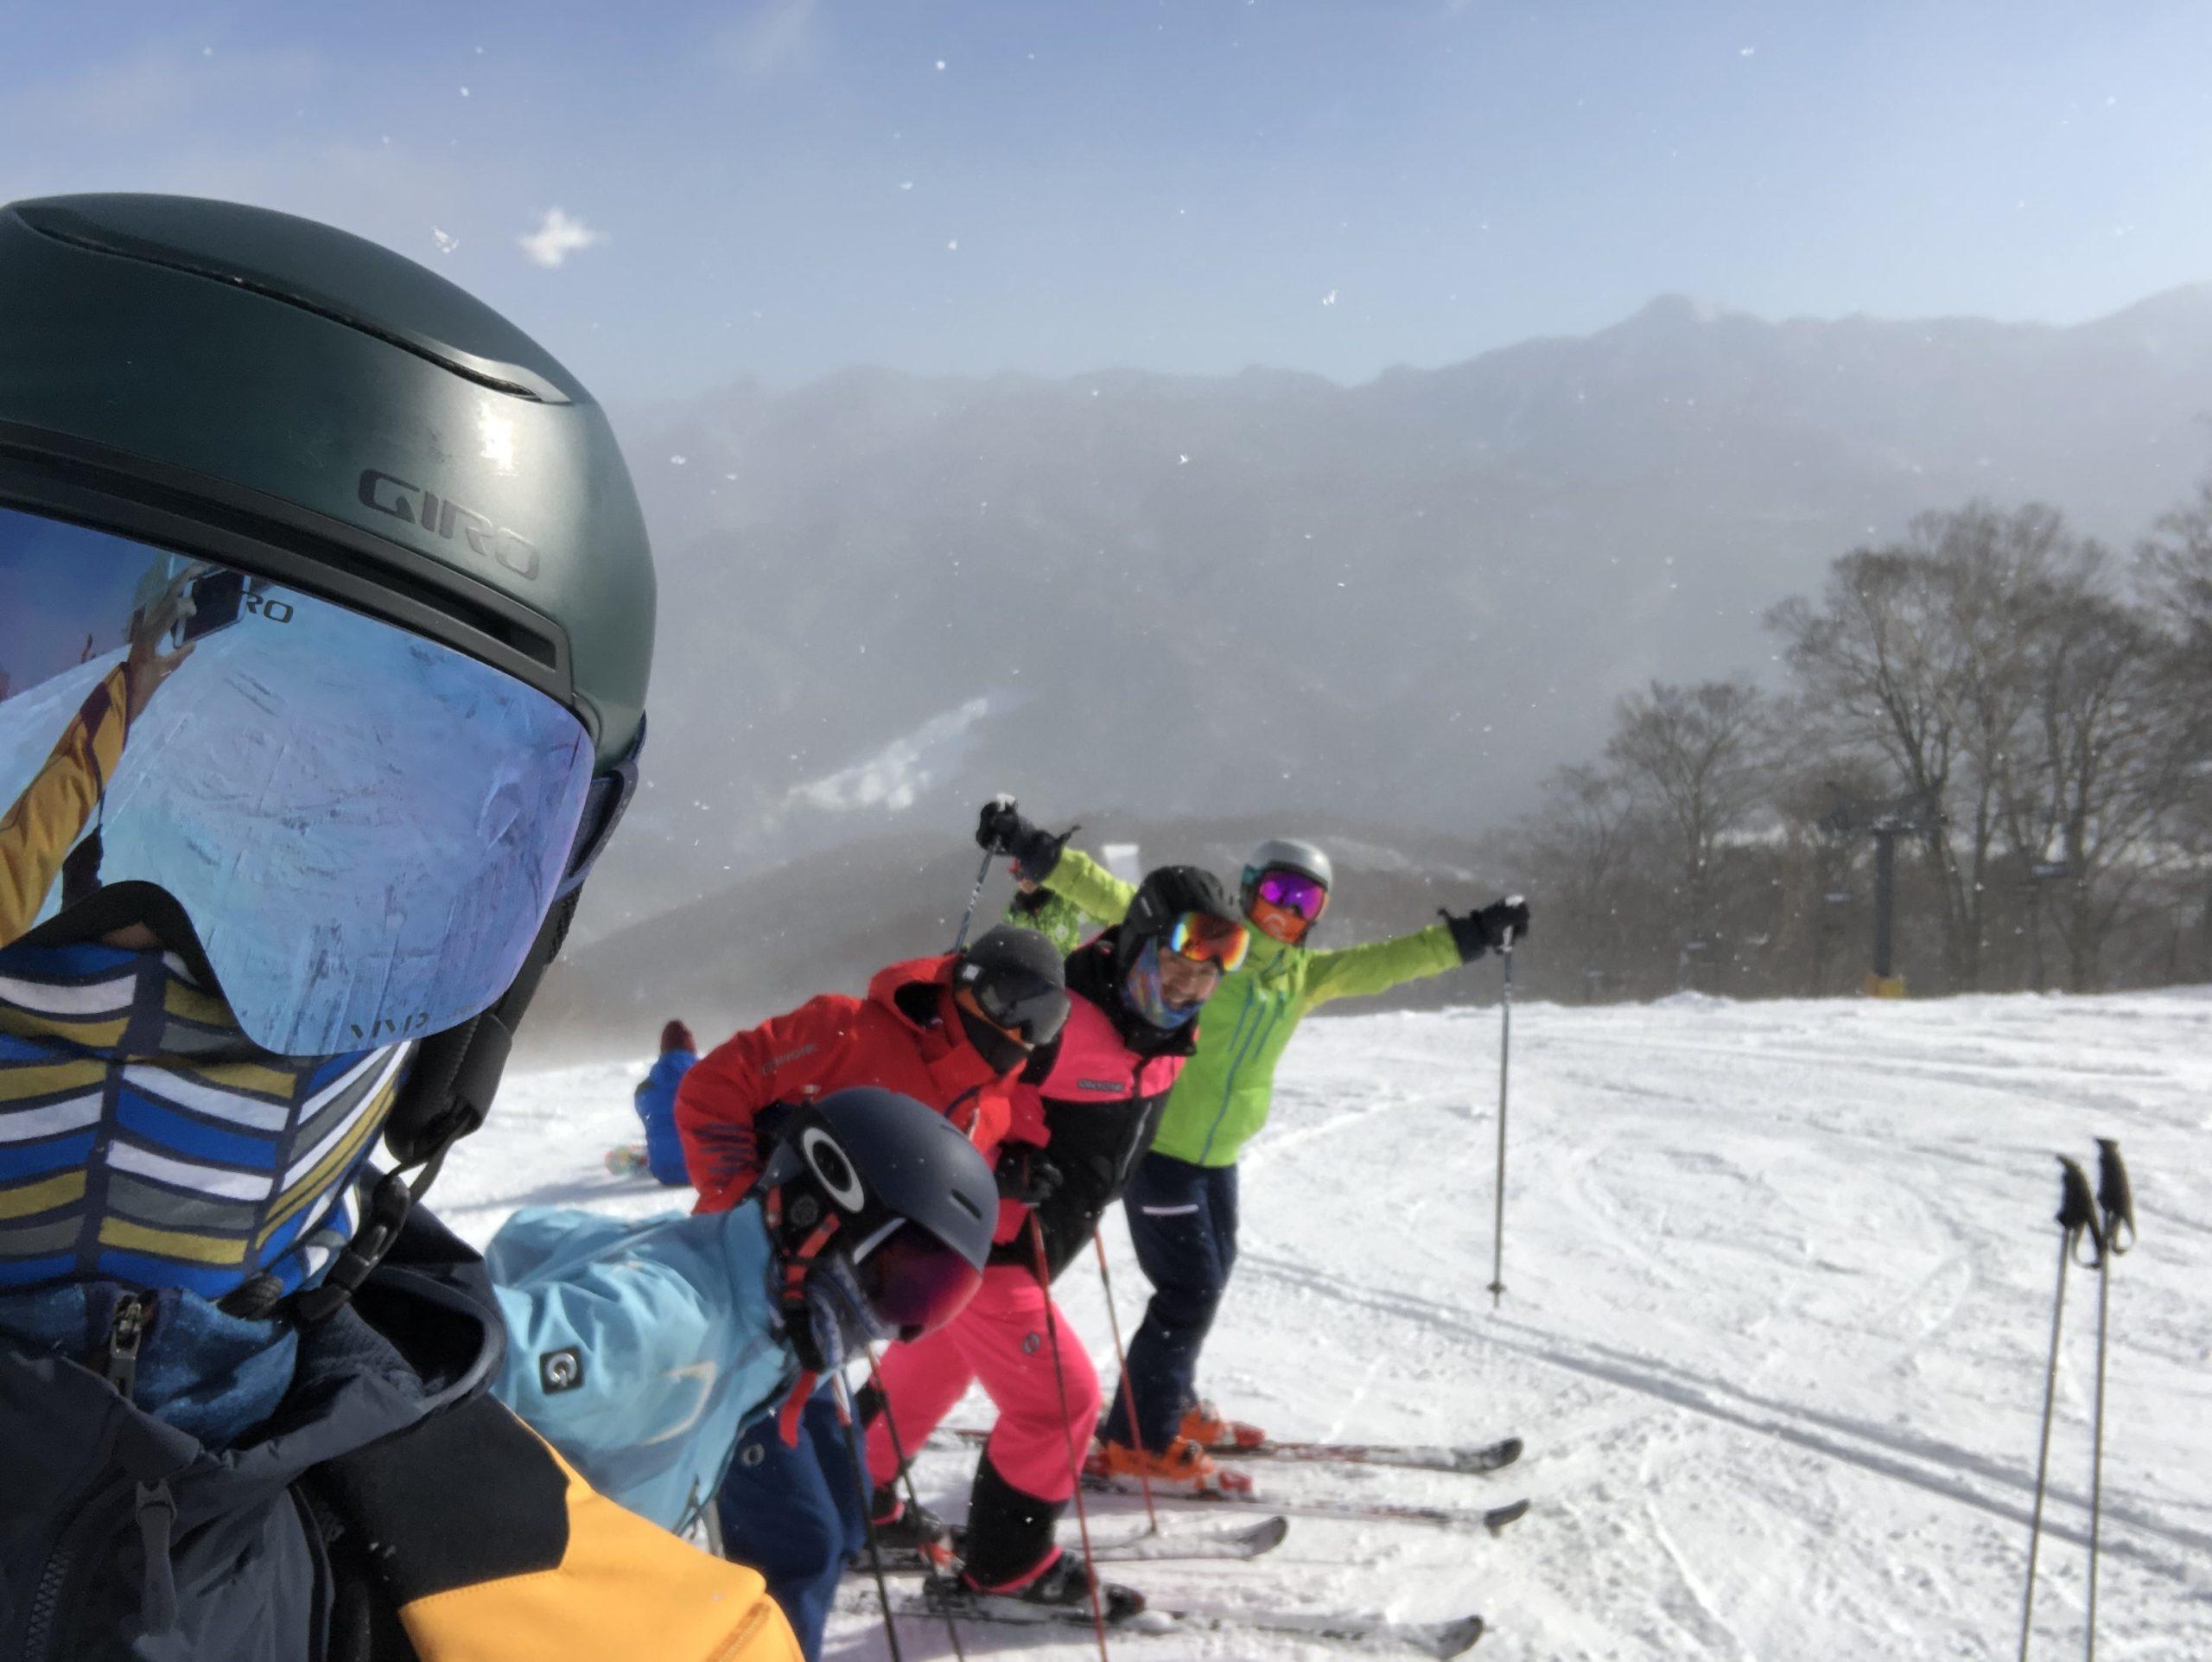 滑りまくりmini '21-22 ~スキーレッスン&ミニ試乗会~(複数日程あり)